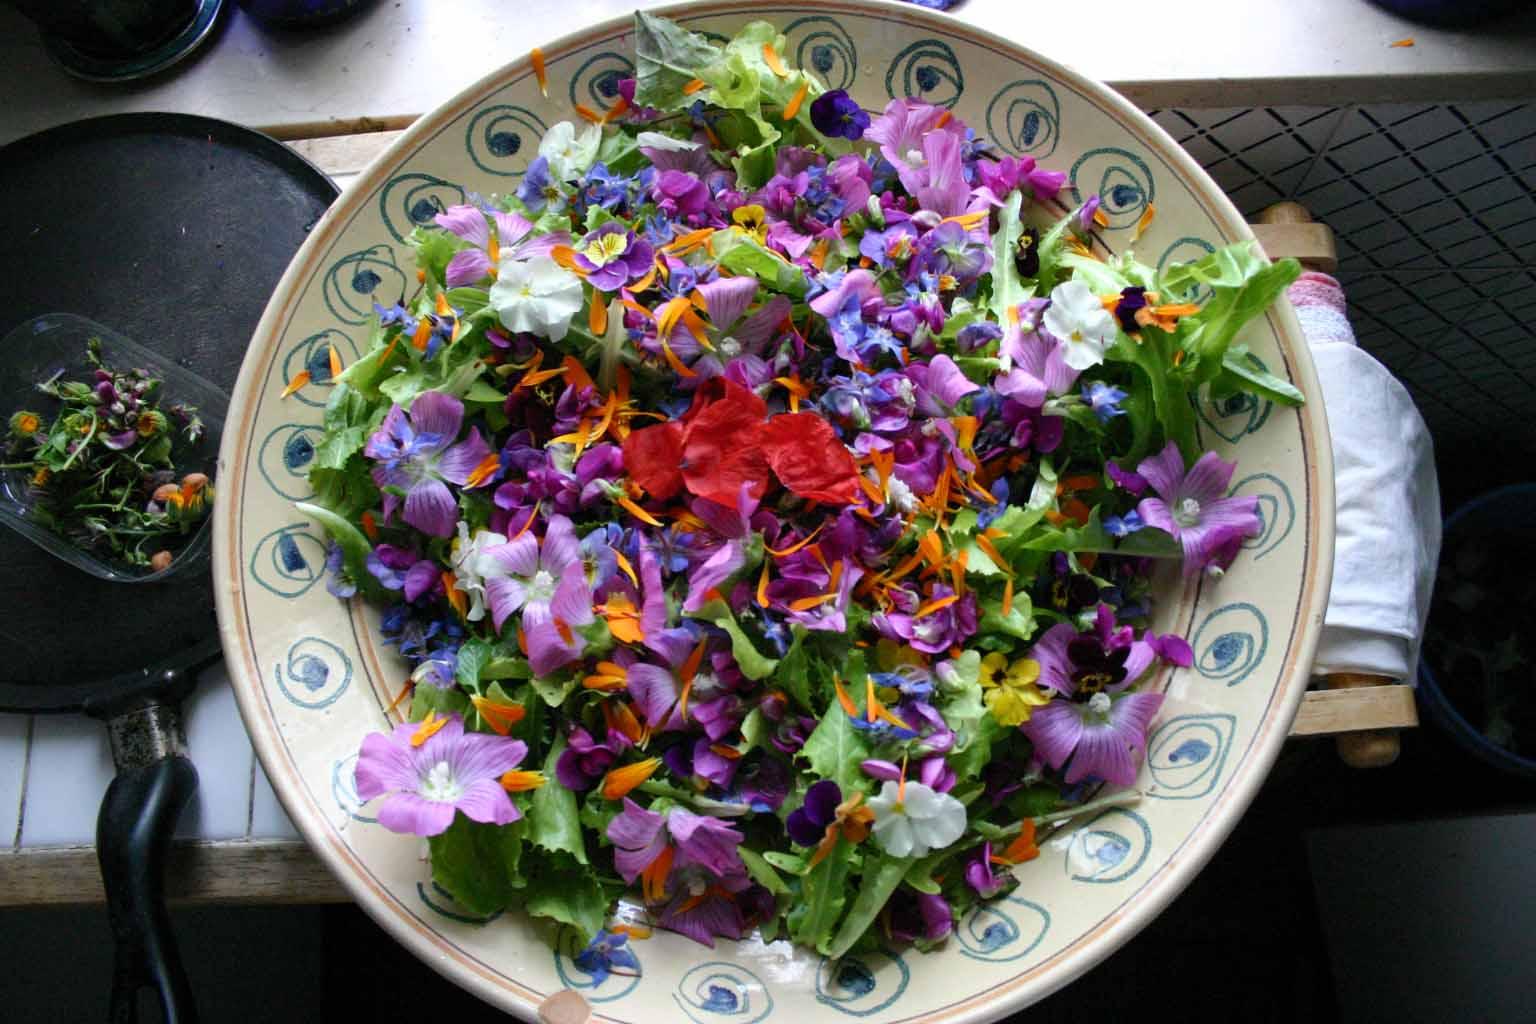 fiori commestibili ecco i 40 che possiamo mangiare cibo